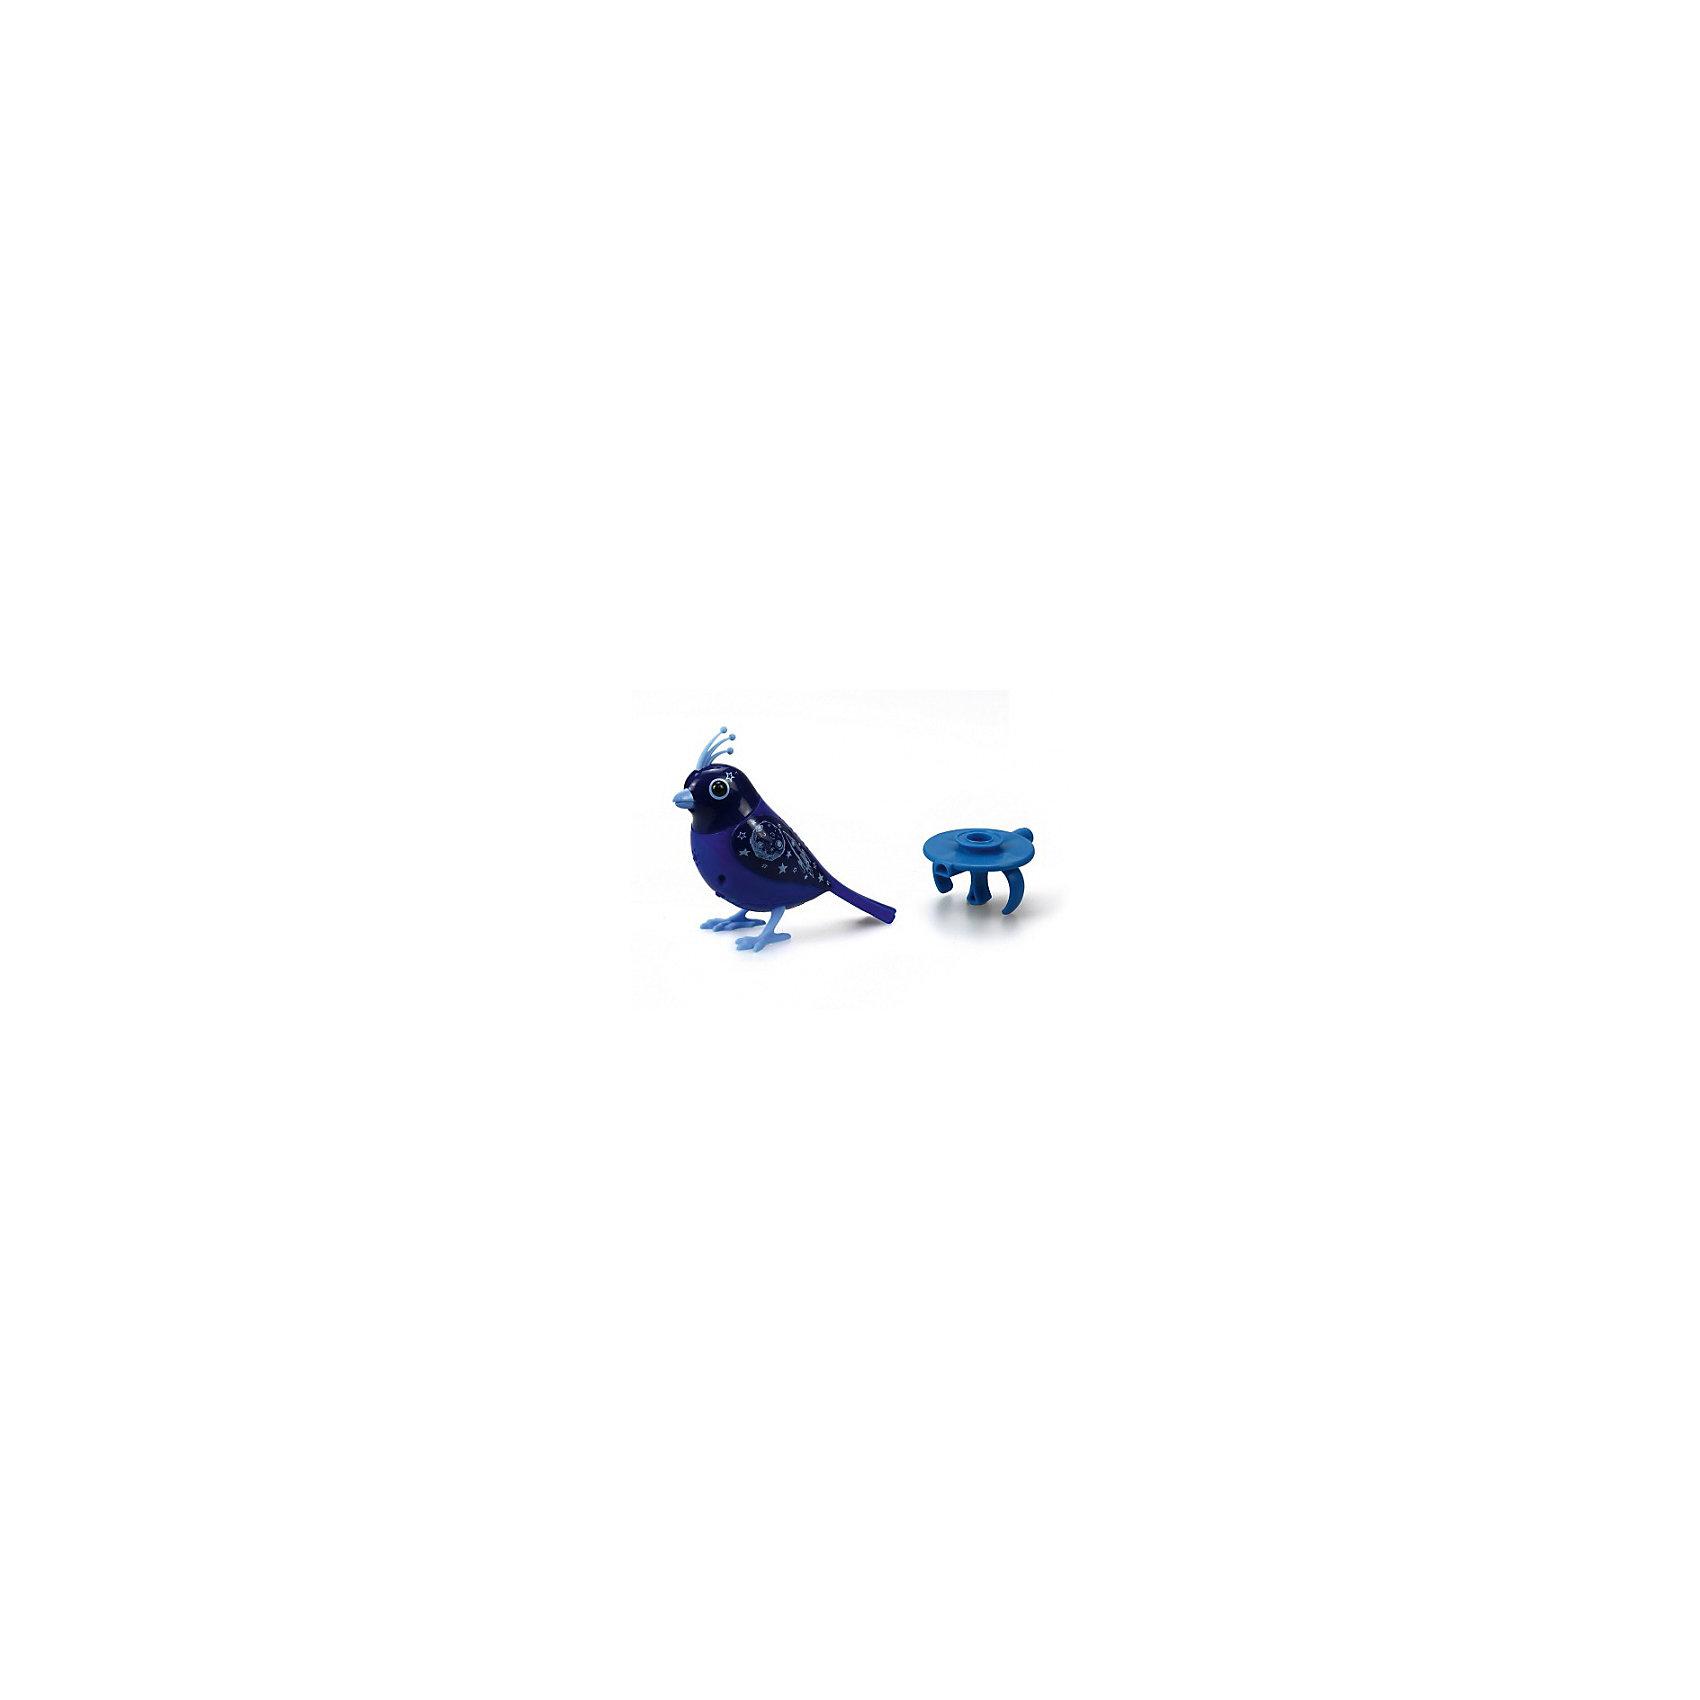 Поющая птичка с кольцом, синяя, DigiBirds